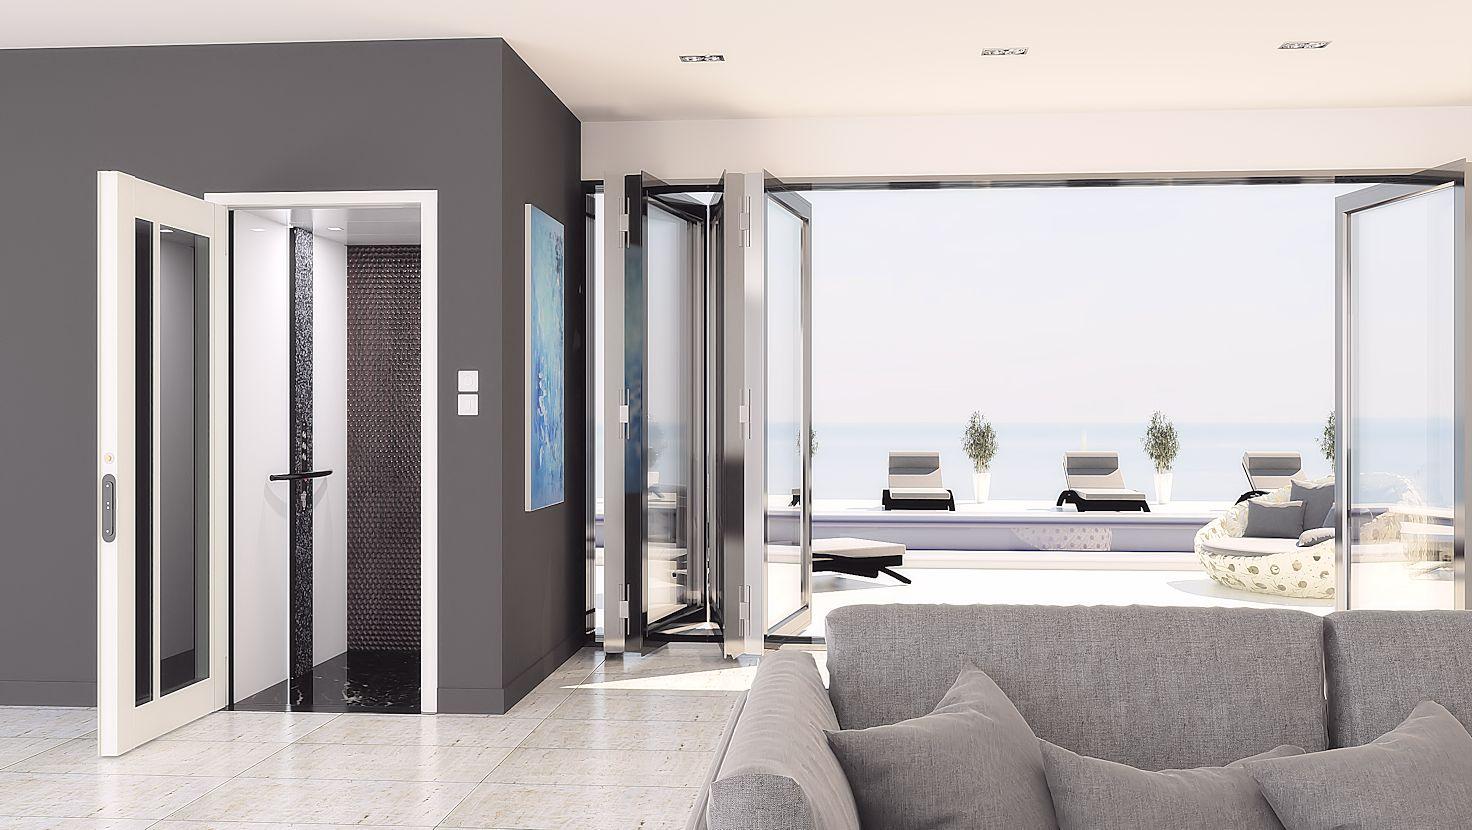 domilift-hl-8500-lift-in-huis-uitvoering-monaco-2018